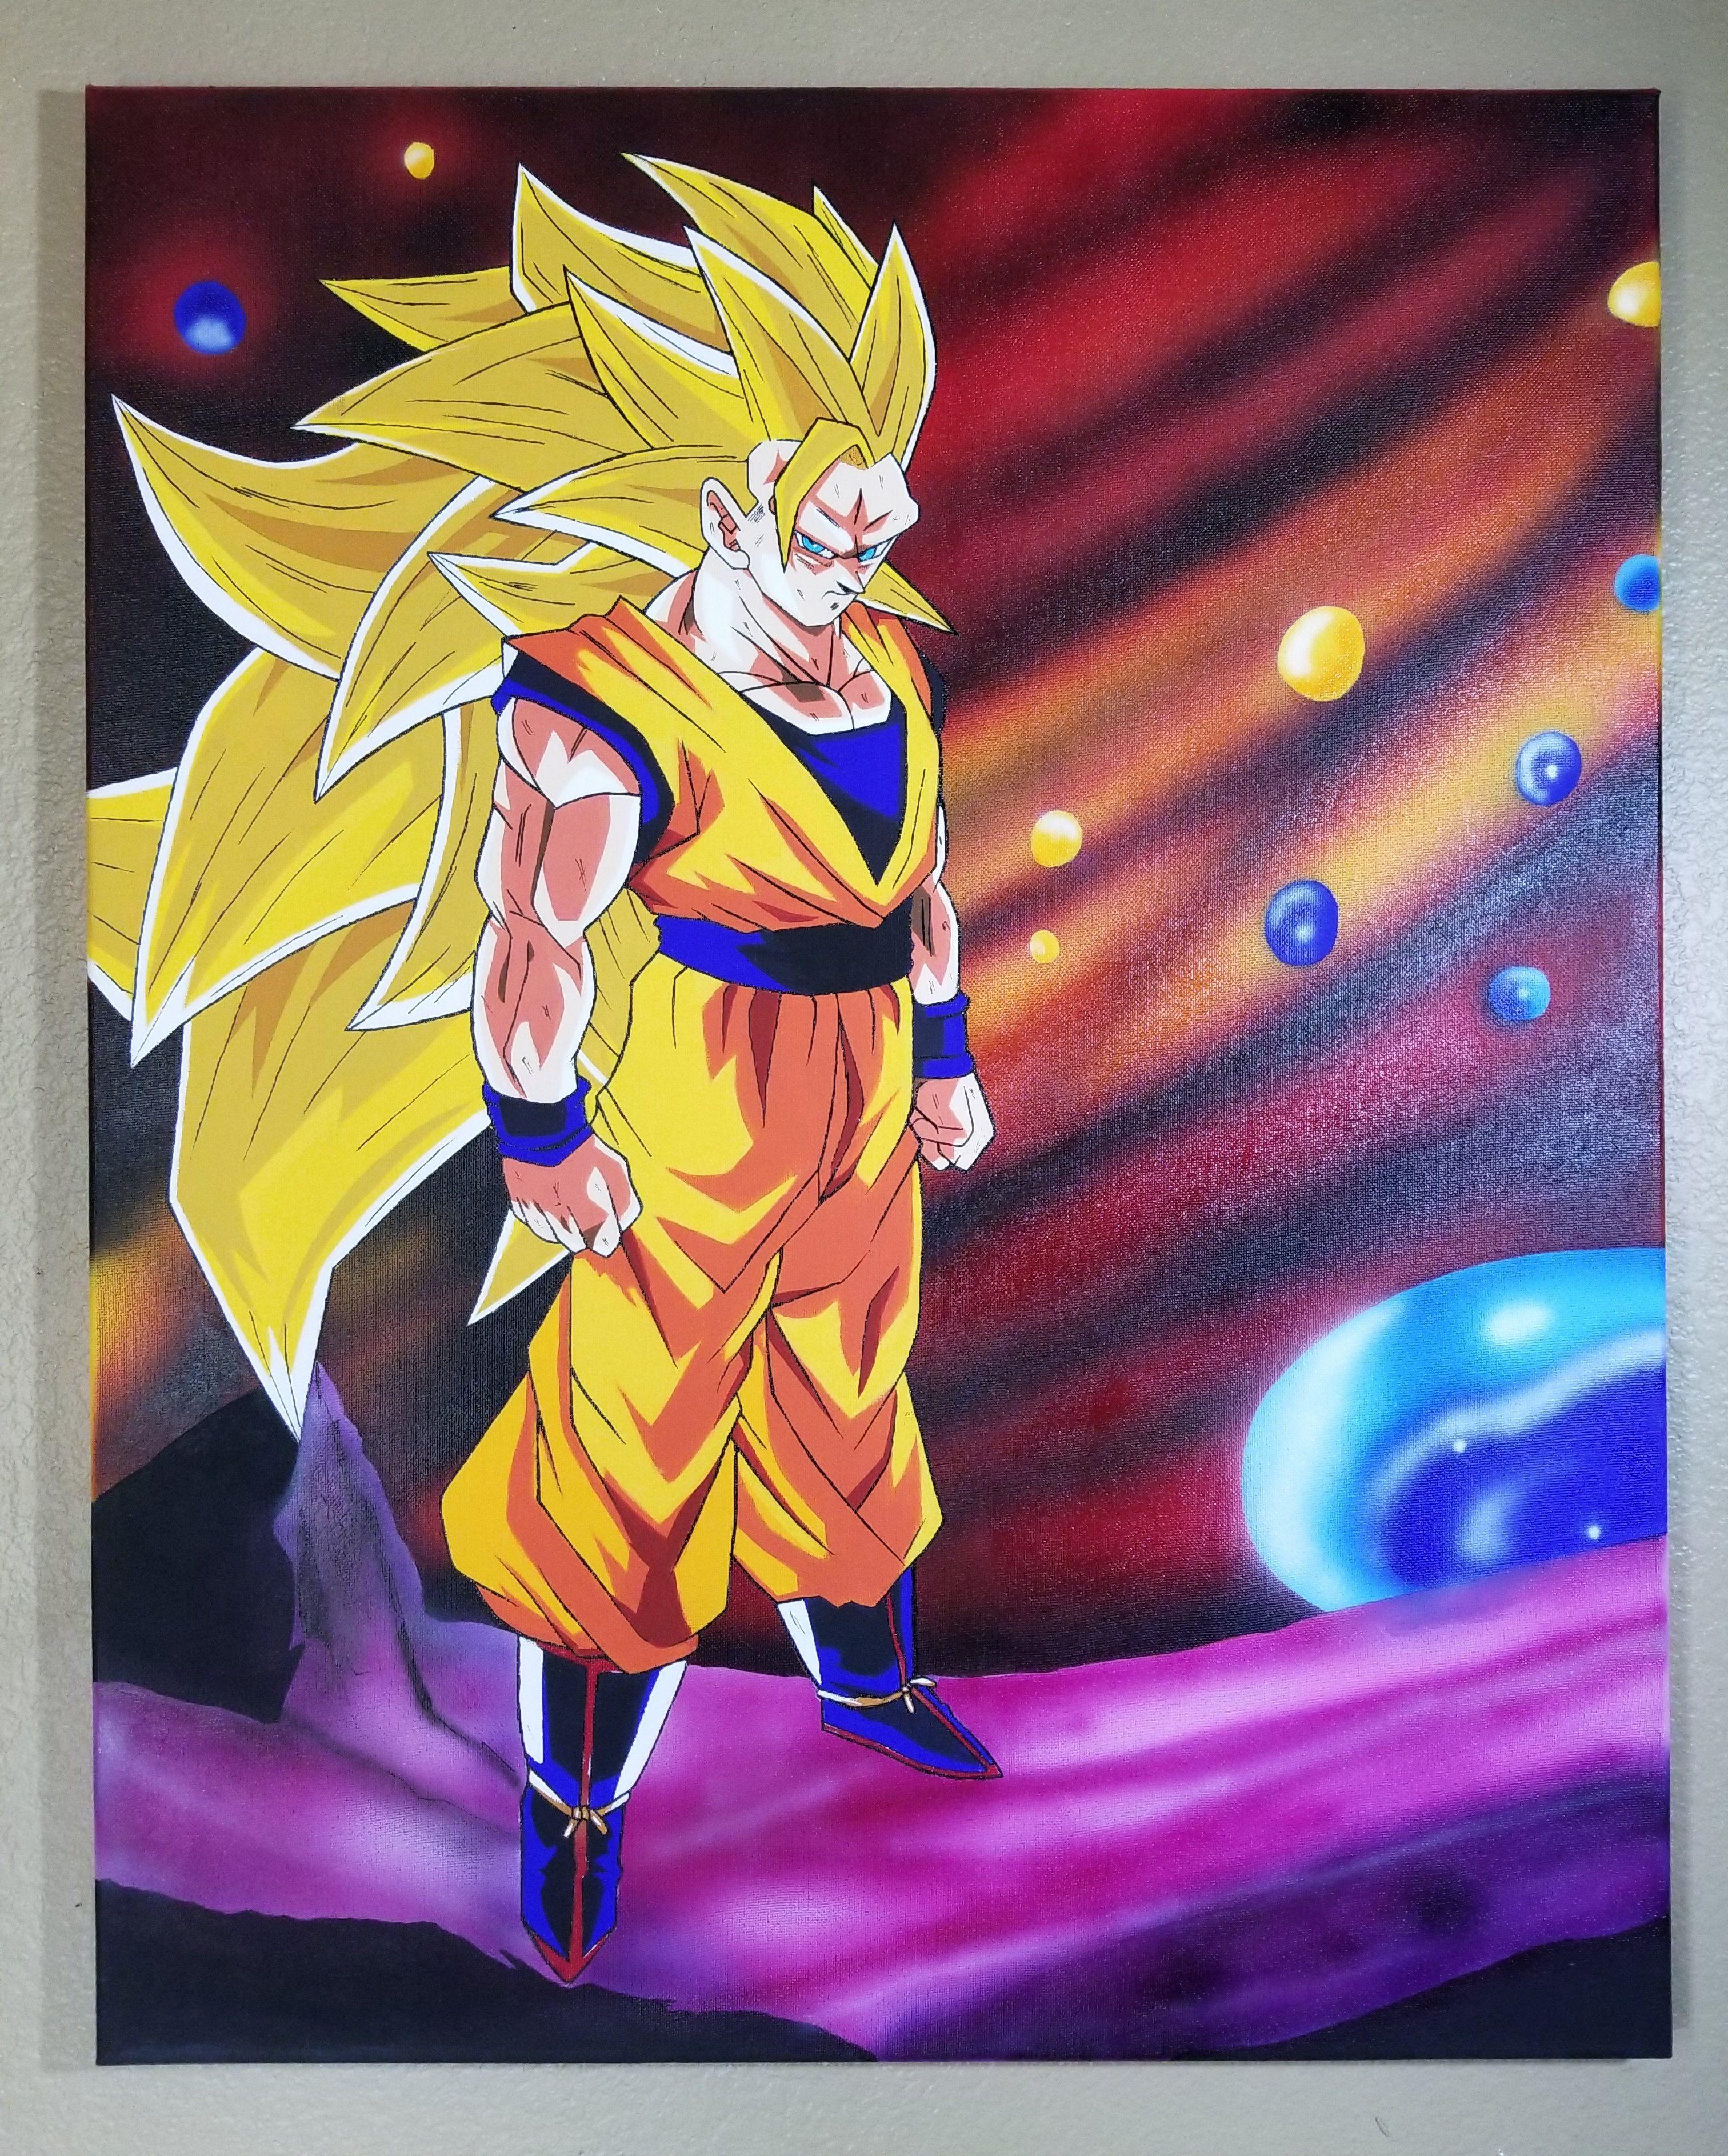 Goku erotic art